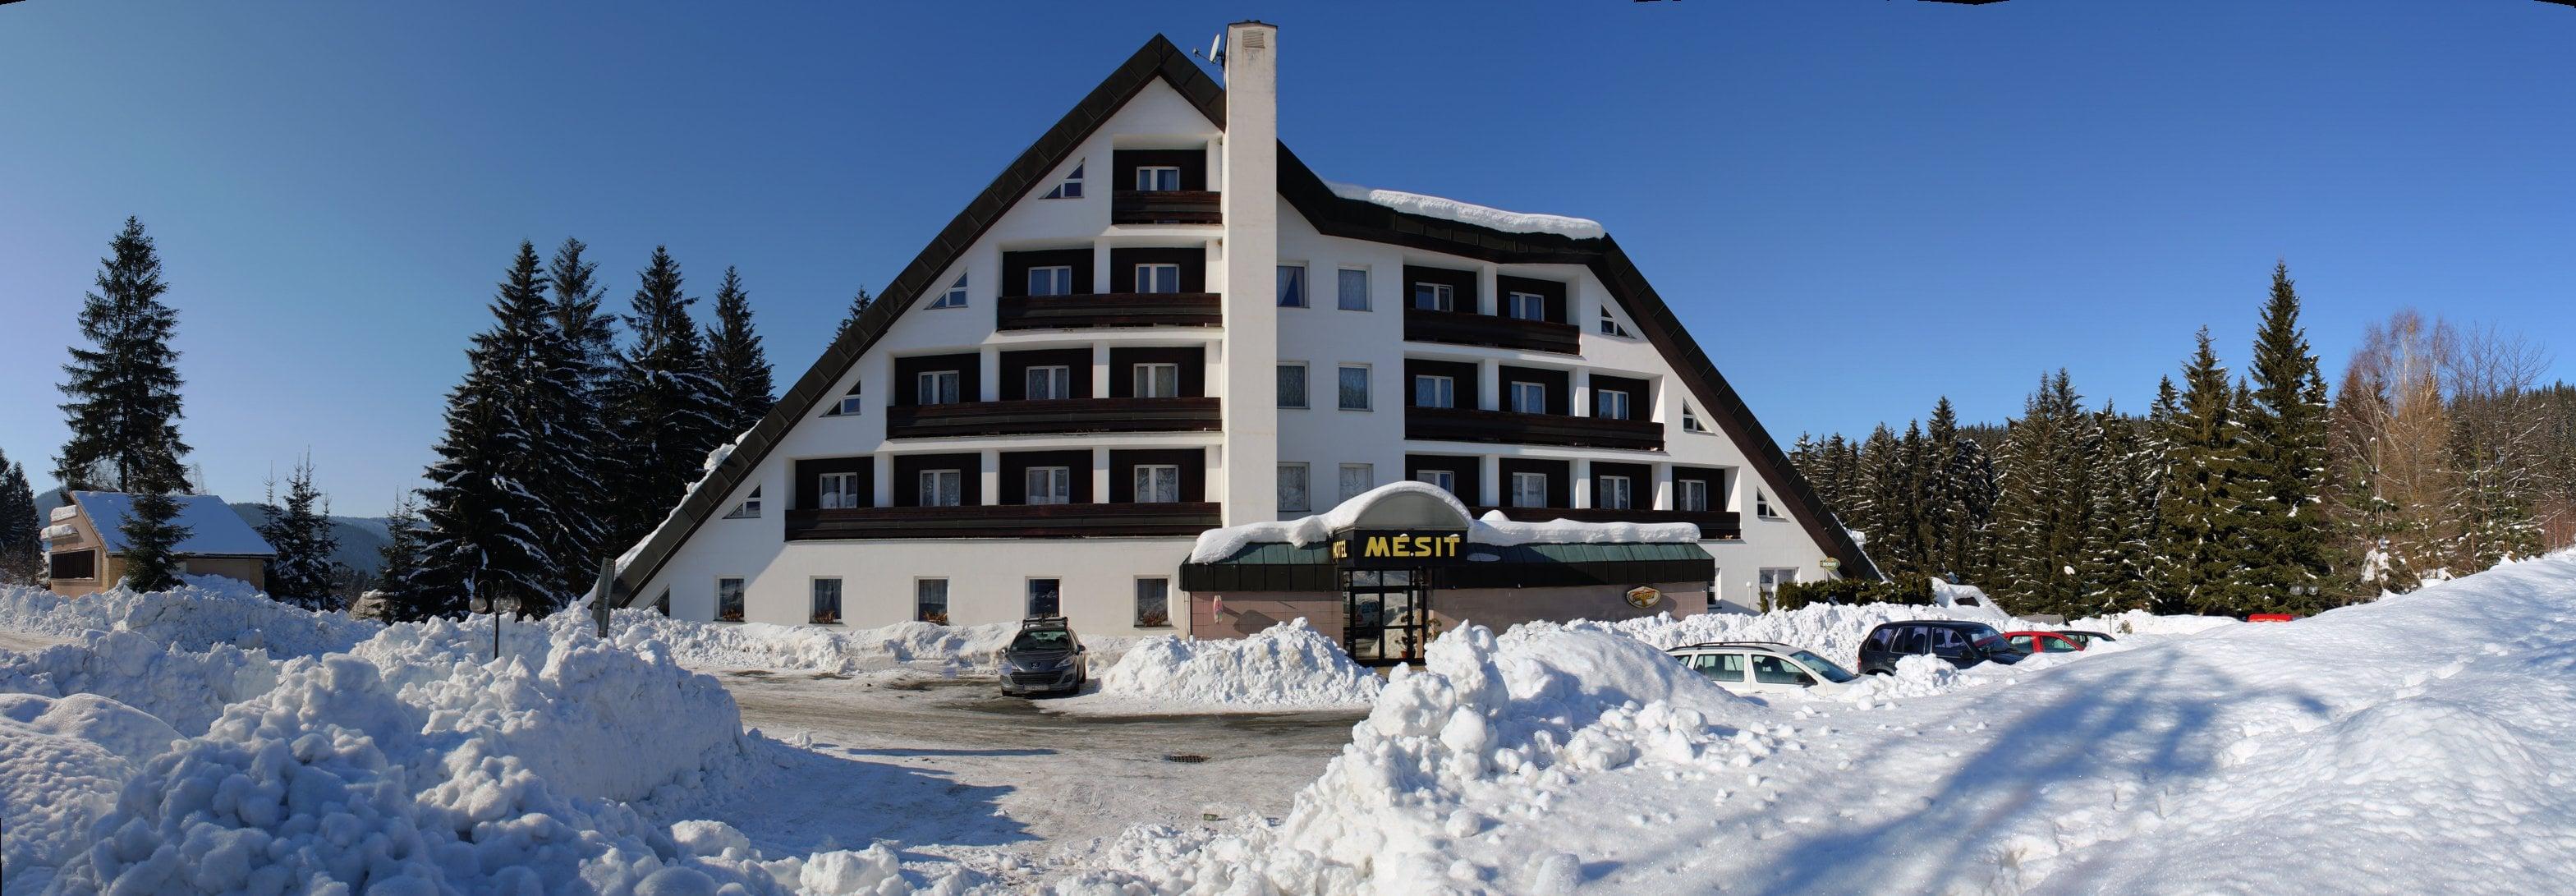 Čelní pohled na hotel Mesit